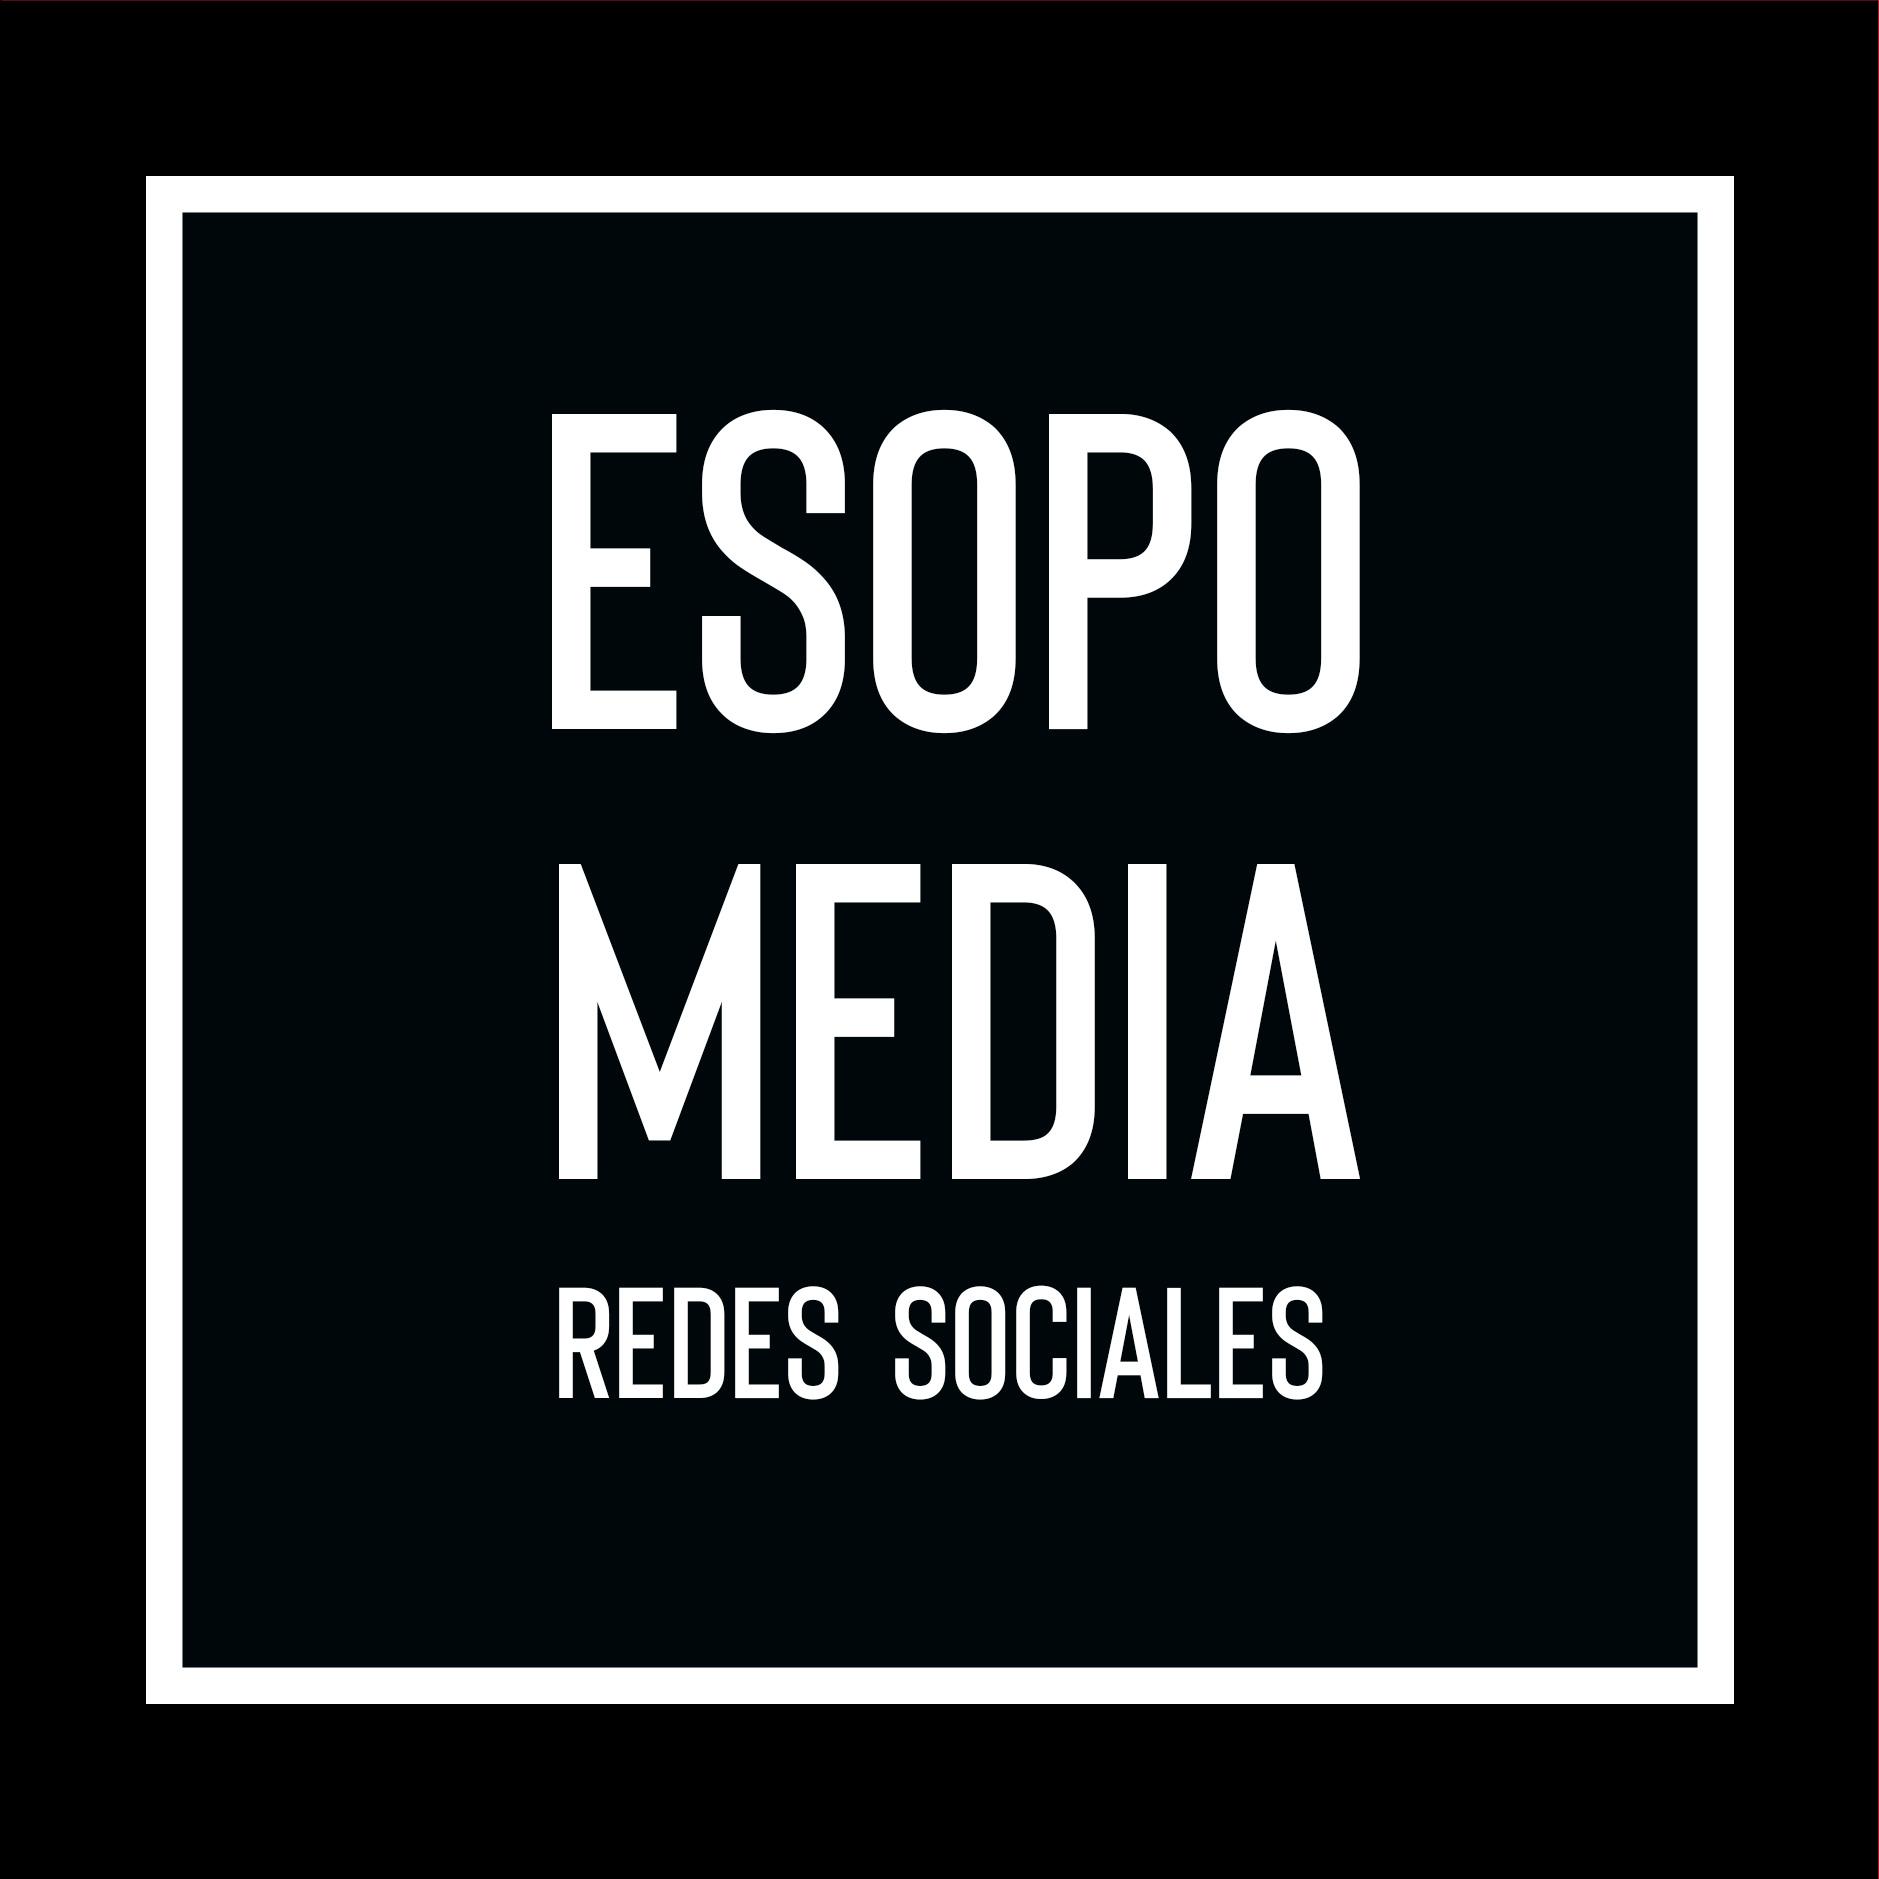 Esopo Media